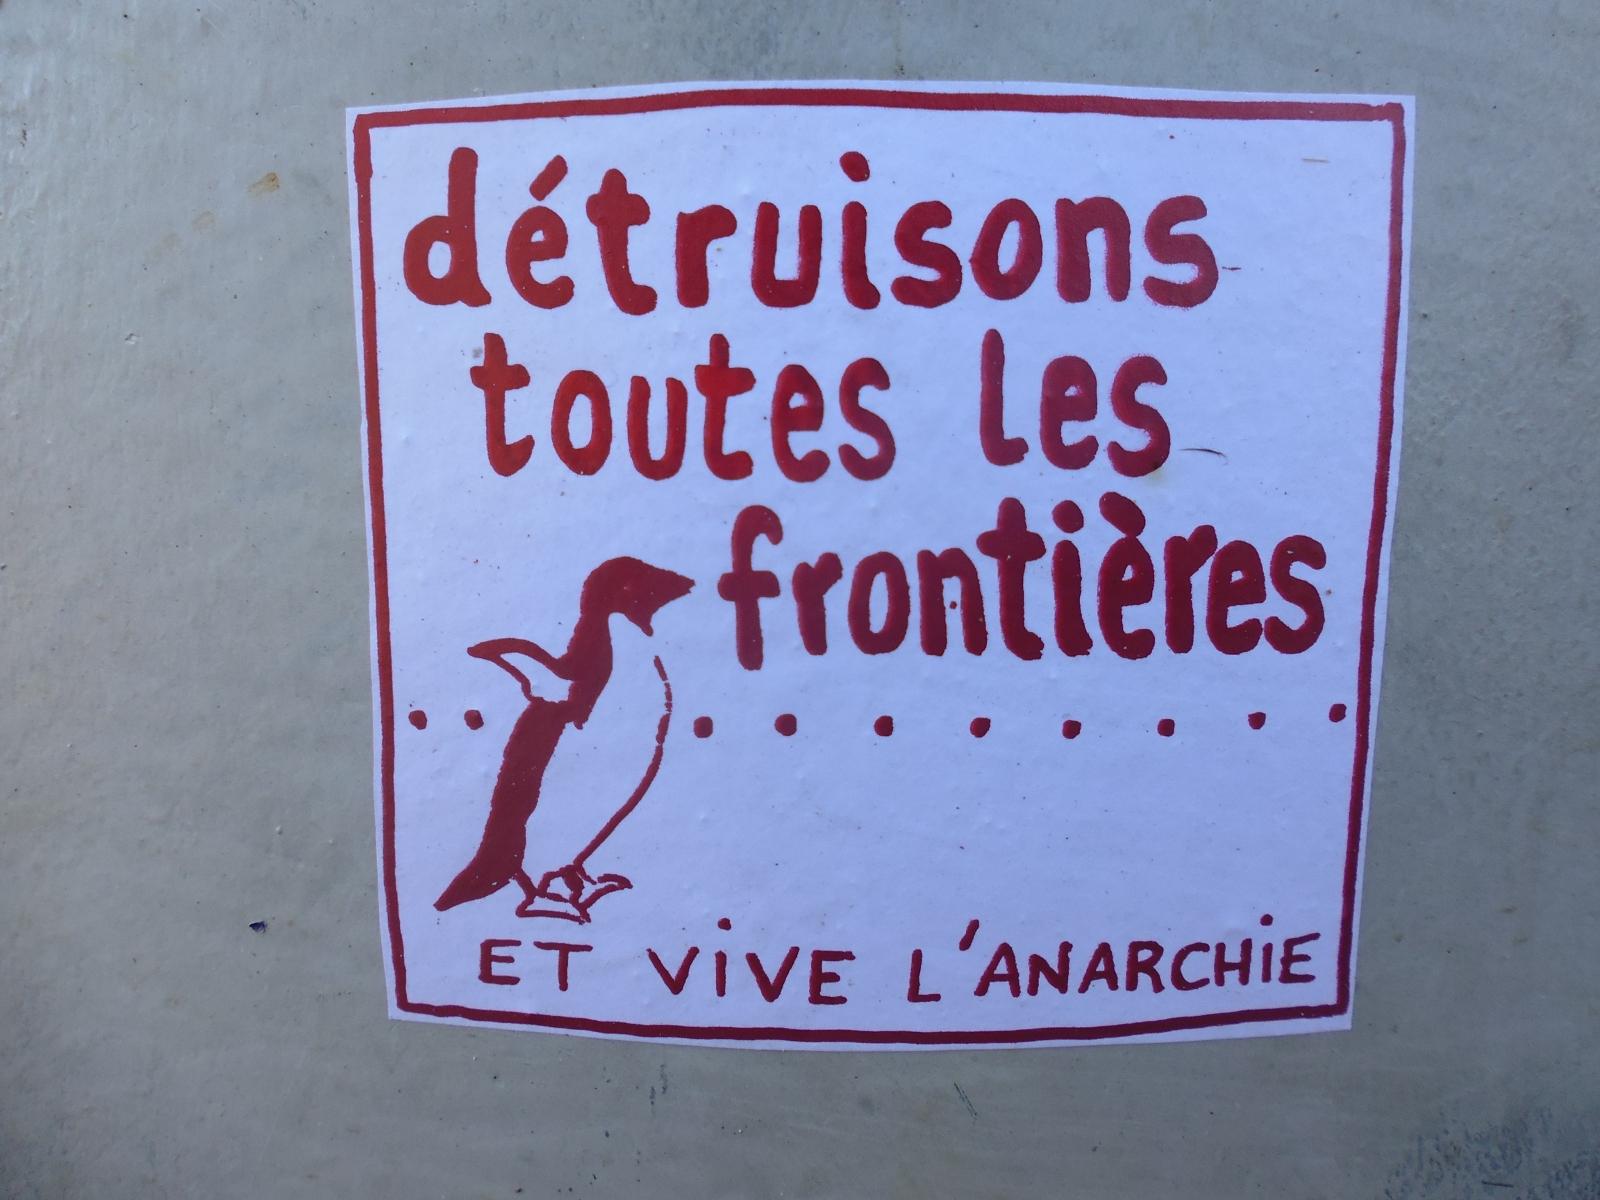 http://juralib.noblogs.org/files/2014/03/2014-03-16_Bagnolet-frontieres.jpg